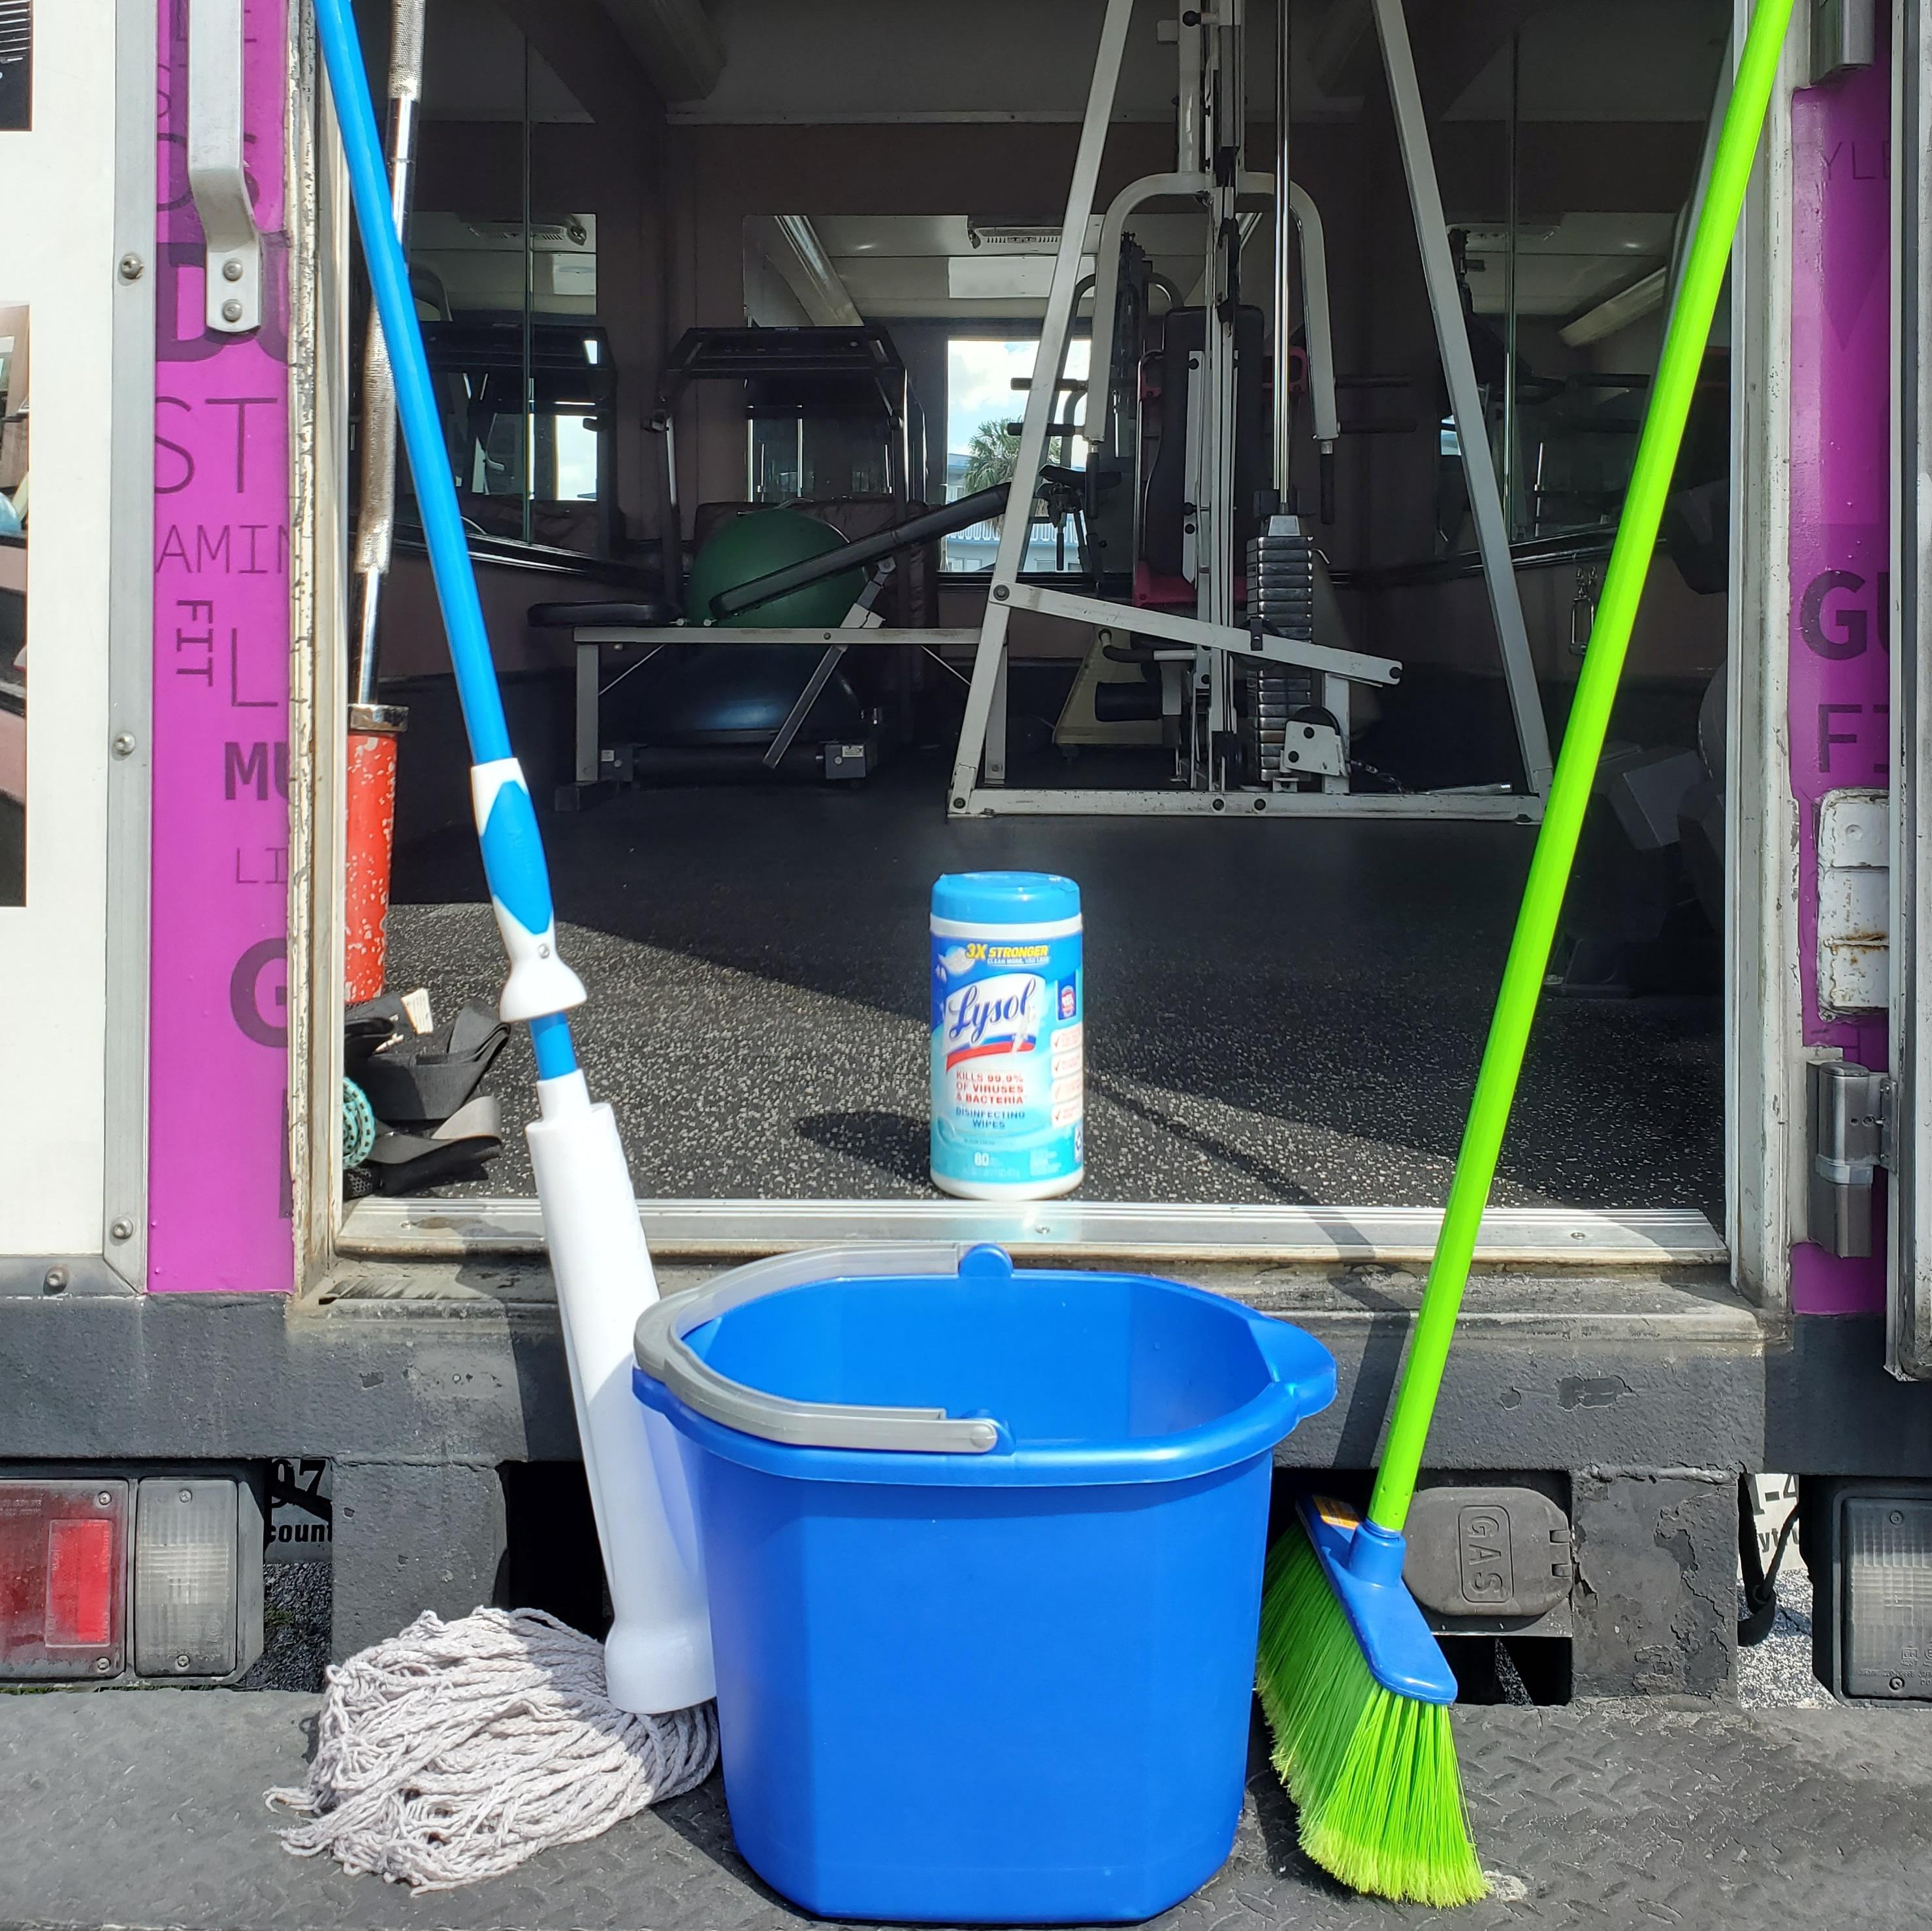 Cleaning Equipments at Door To Door Fitness Inc  - Corona Virus Protection